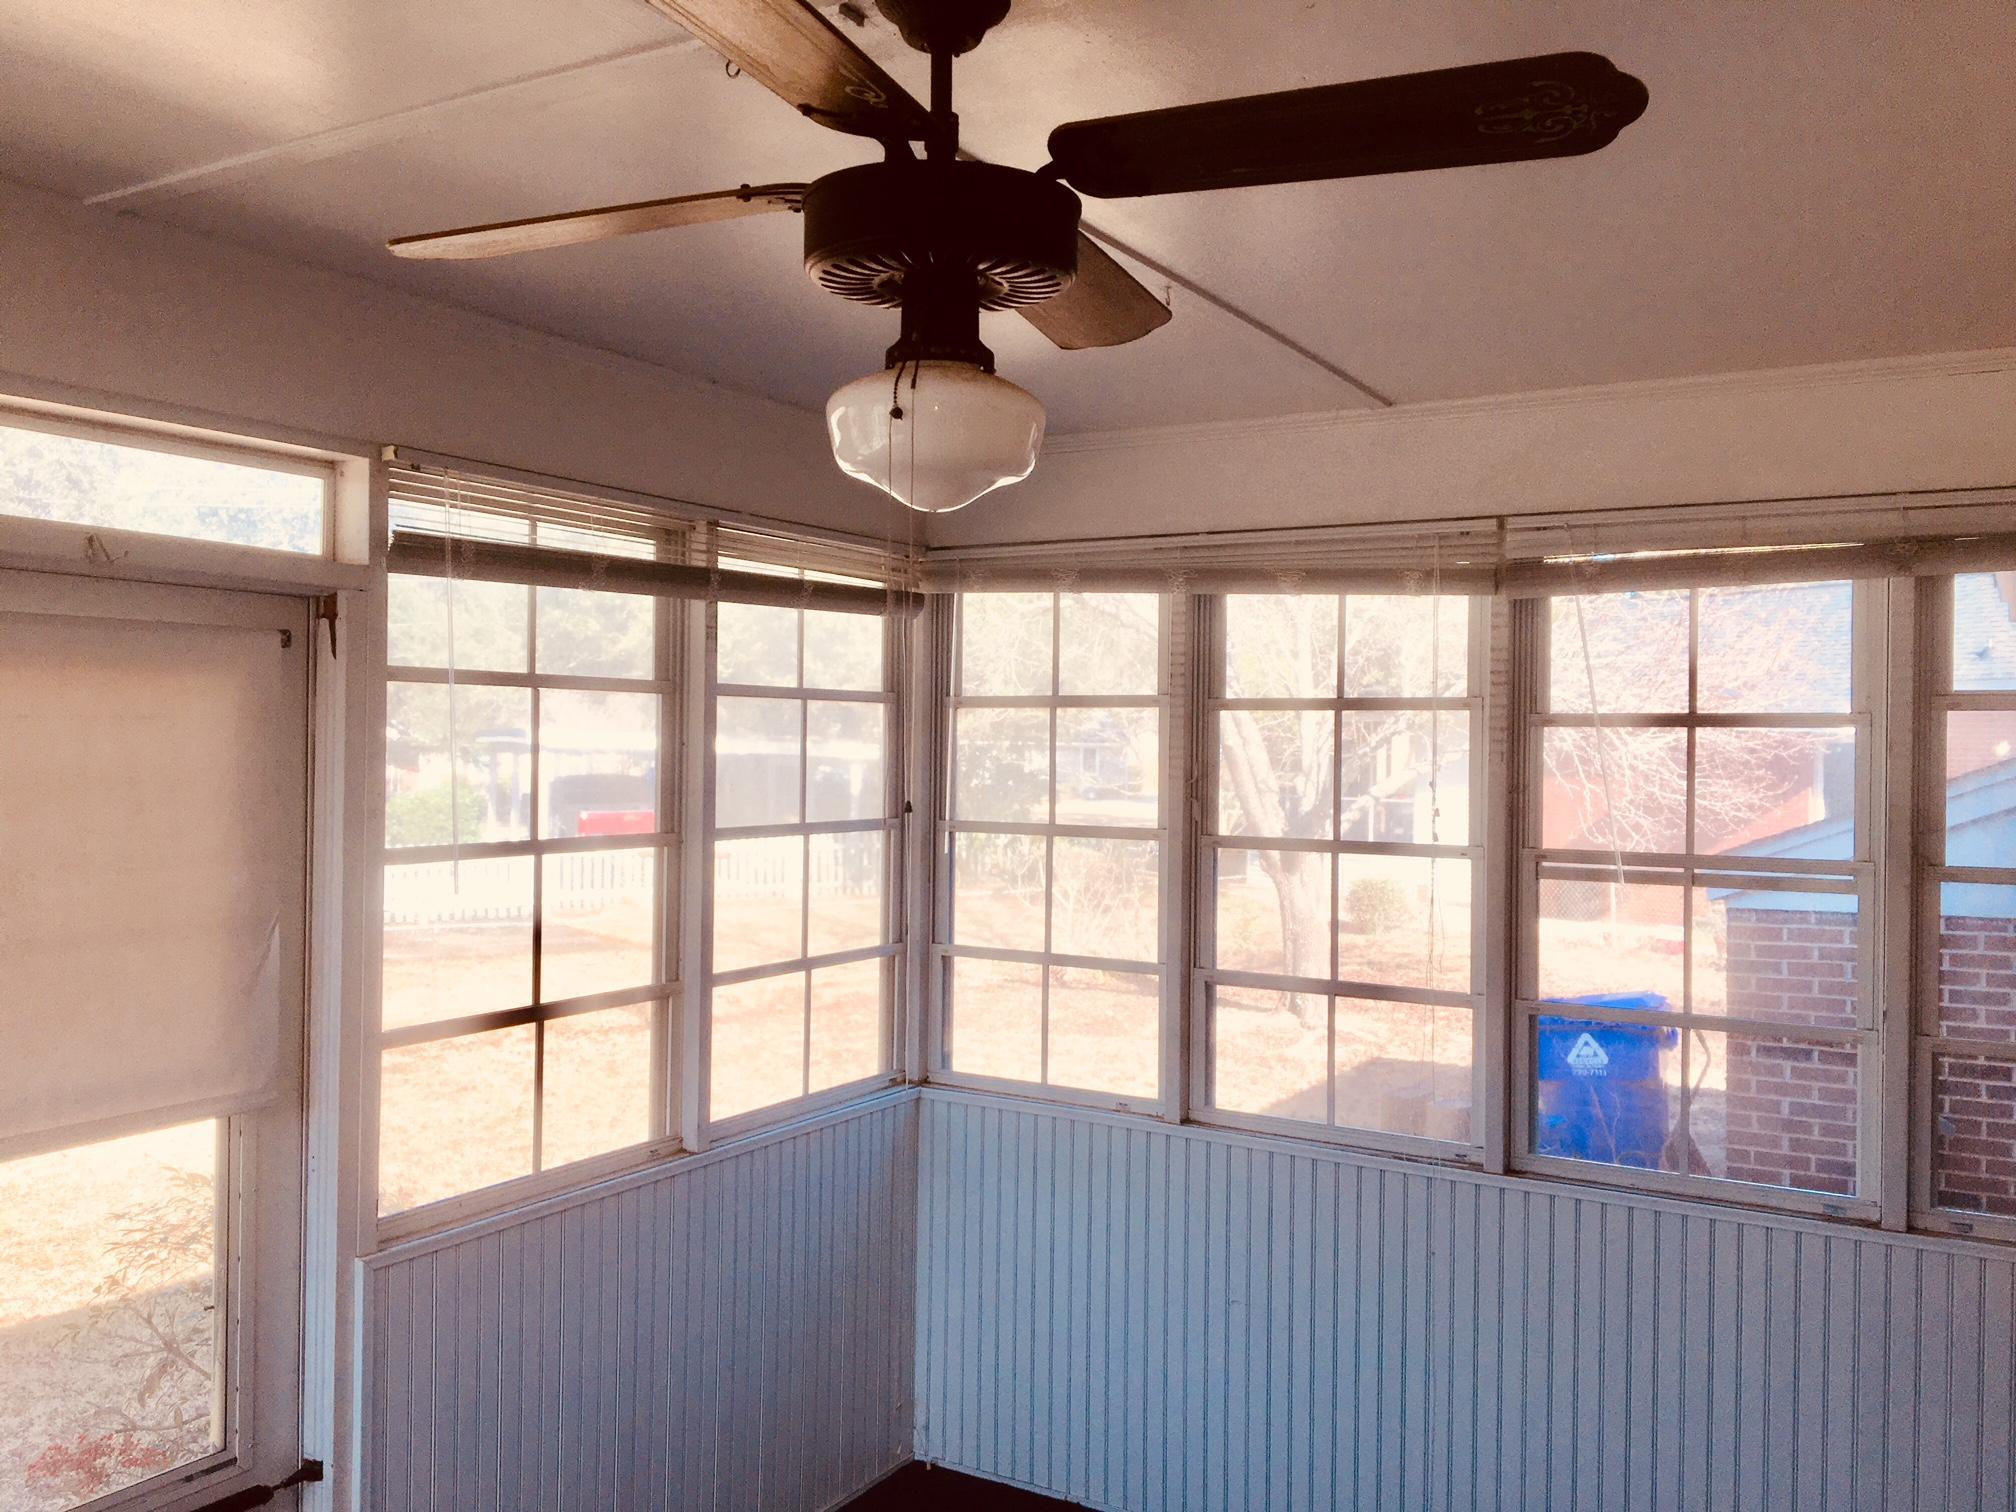 Shemwood Homes For Sale - 1146 Saint Elizabeth, Mount Pleasant, SC - 7